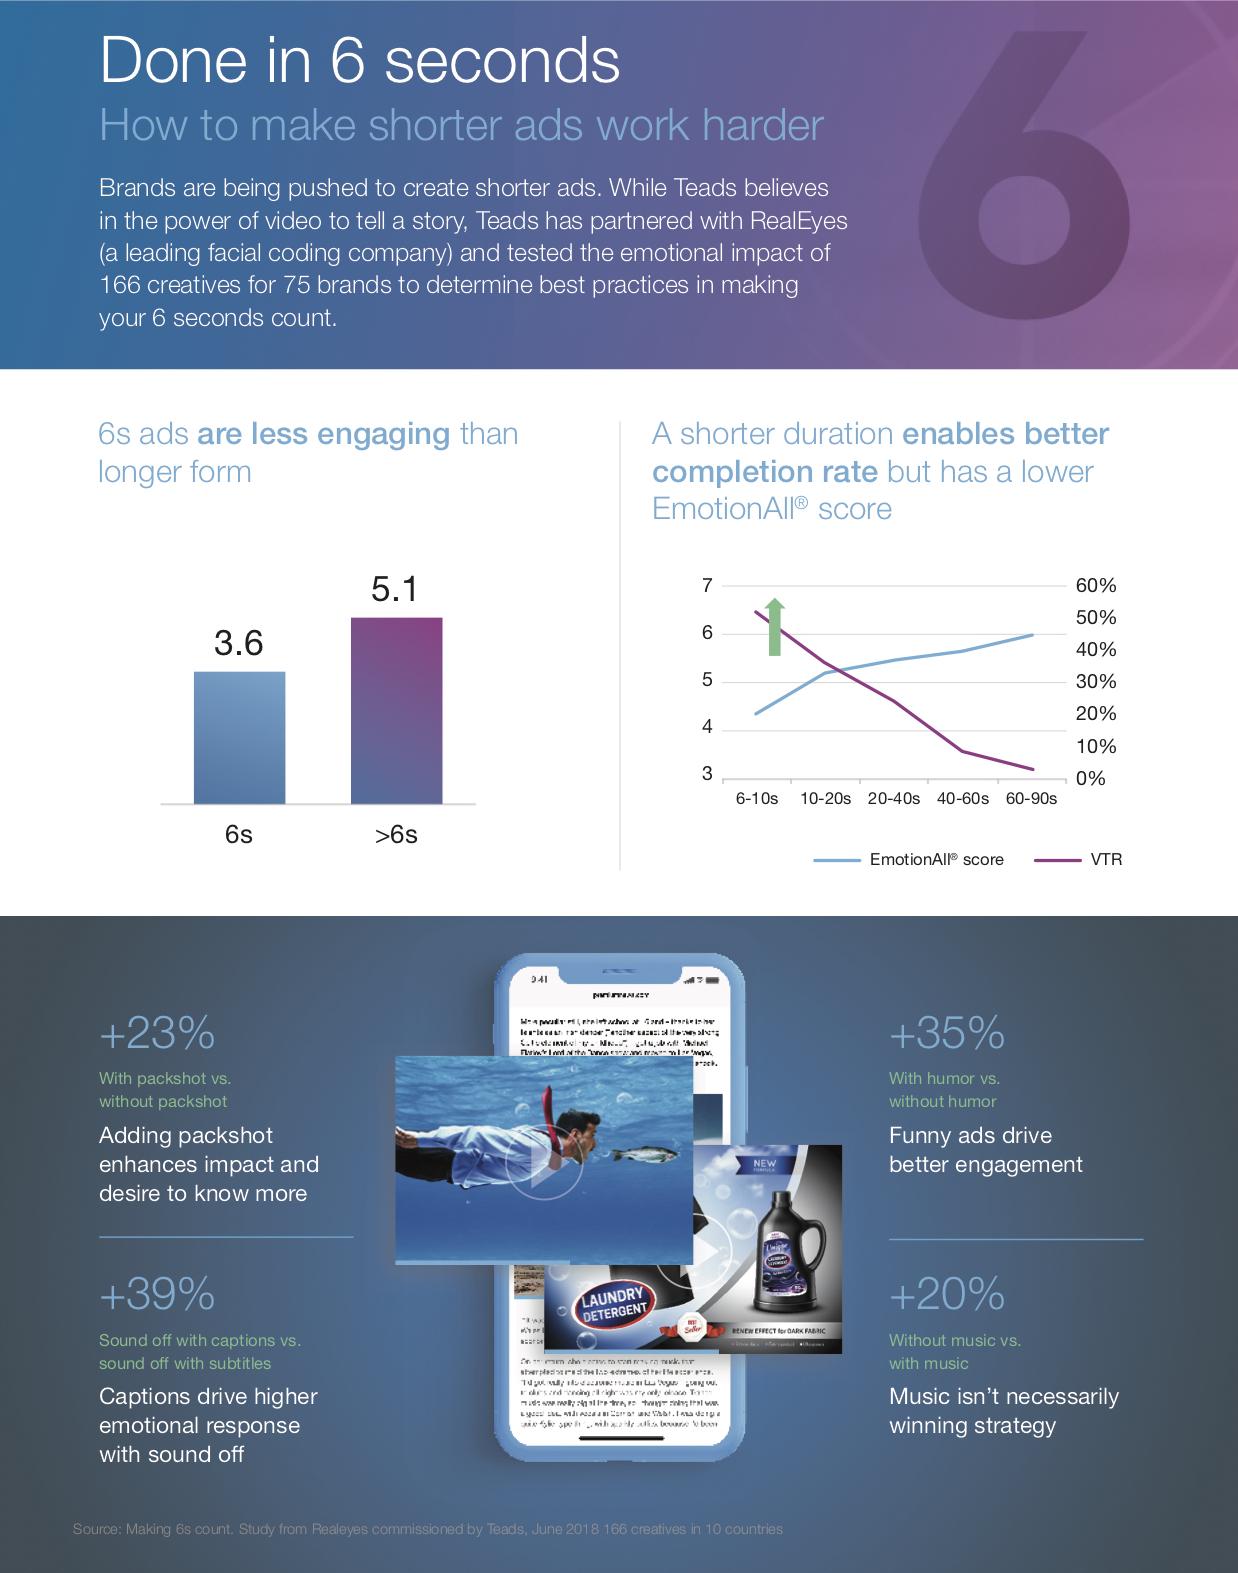 Teads publica un informe sobre cómo impactar con anuncios de 6 segundos - 18/12/2018. 75 marcas y 166 creativos han participado en este estudio que da las claves para crear anuncios importantes en 6 segundos de video.